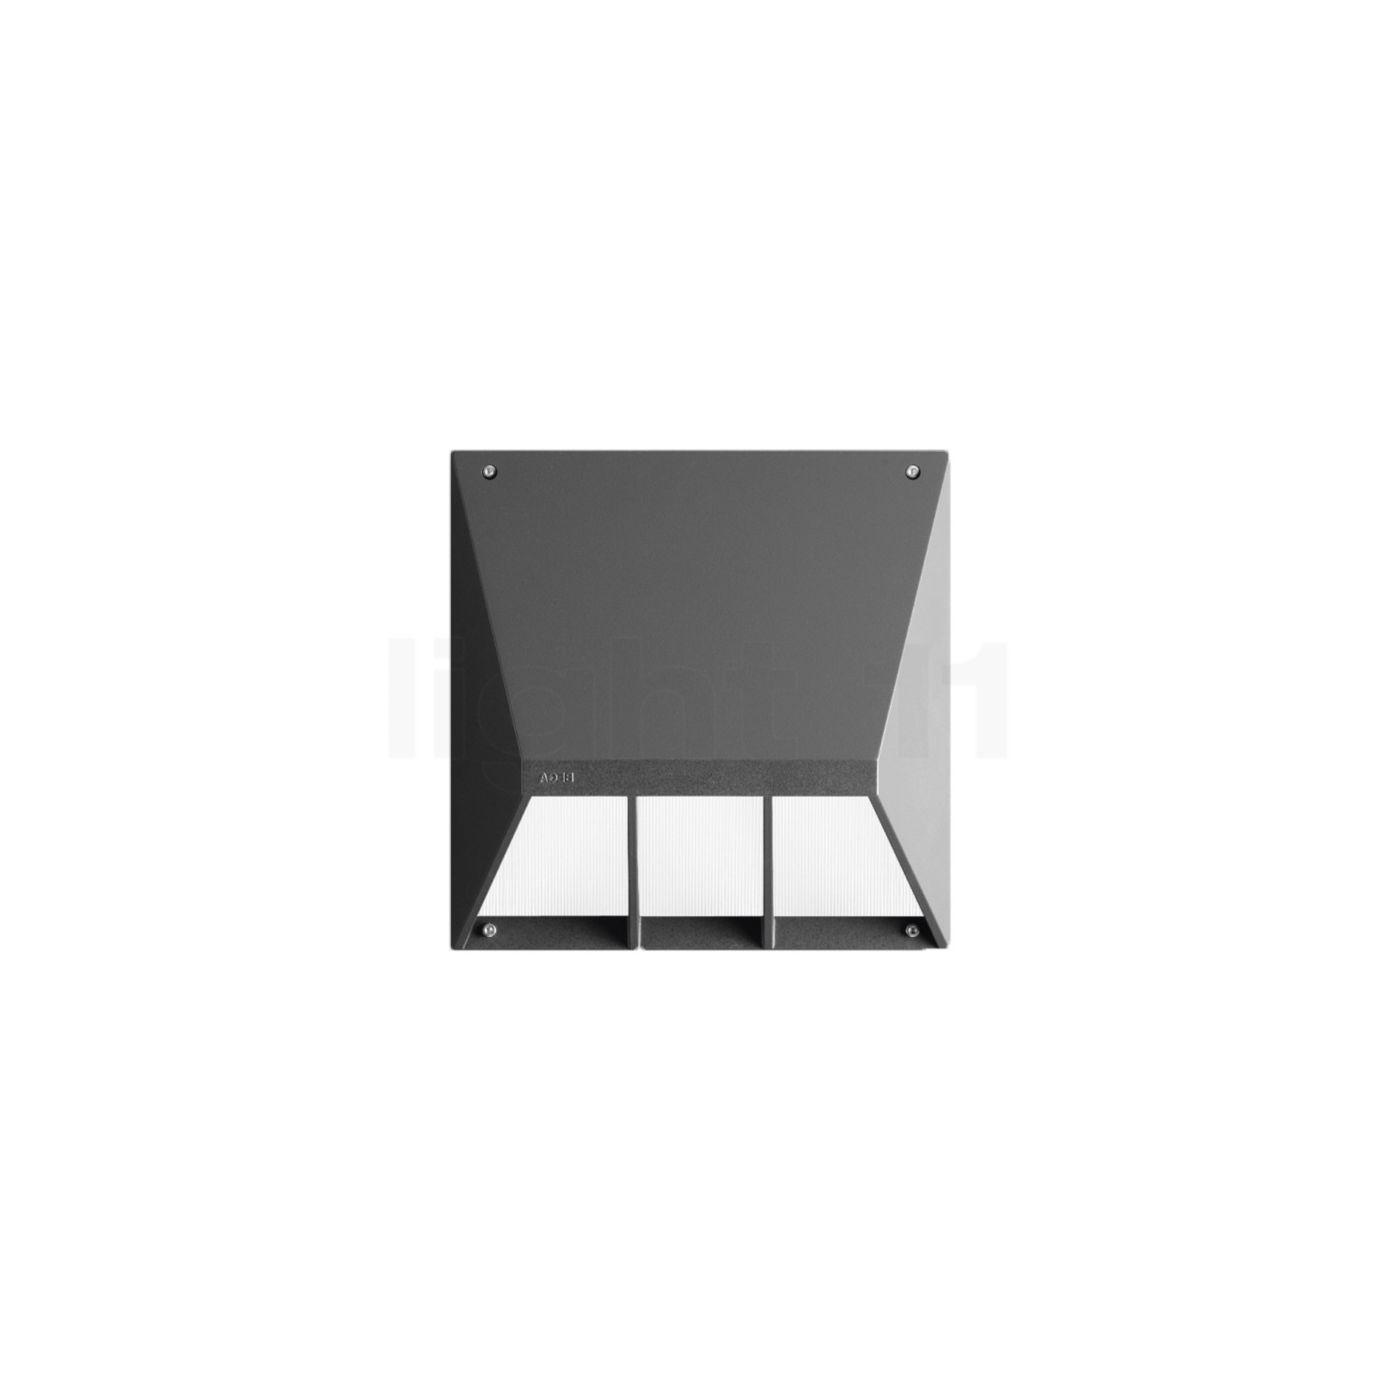 bega 22292 applique murale led en vente sur. Black Bedroom Furniture Sets. Home Design Ideas